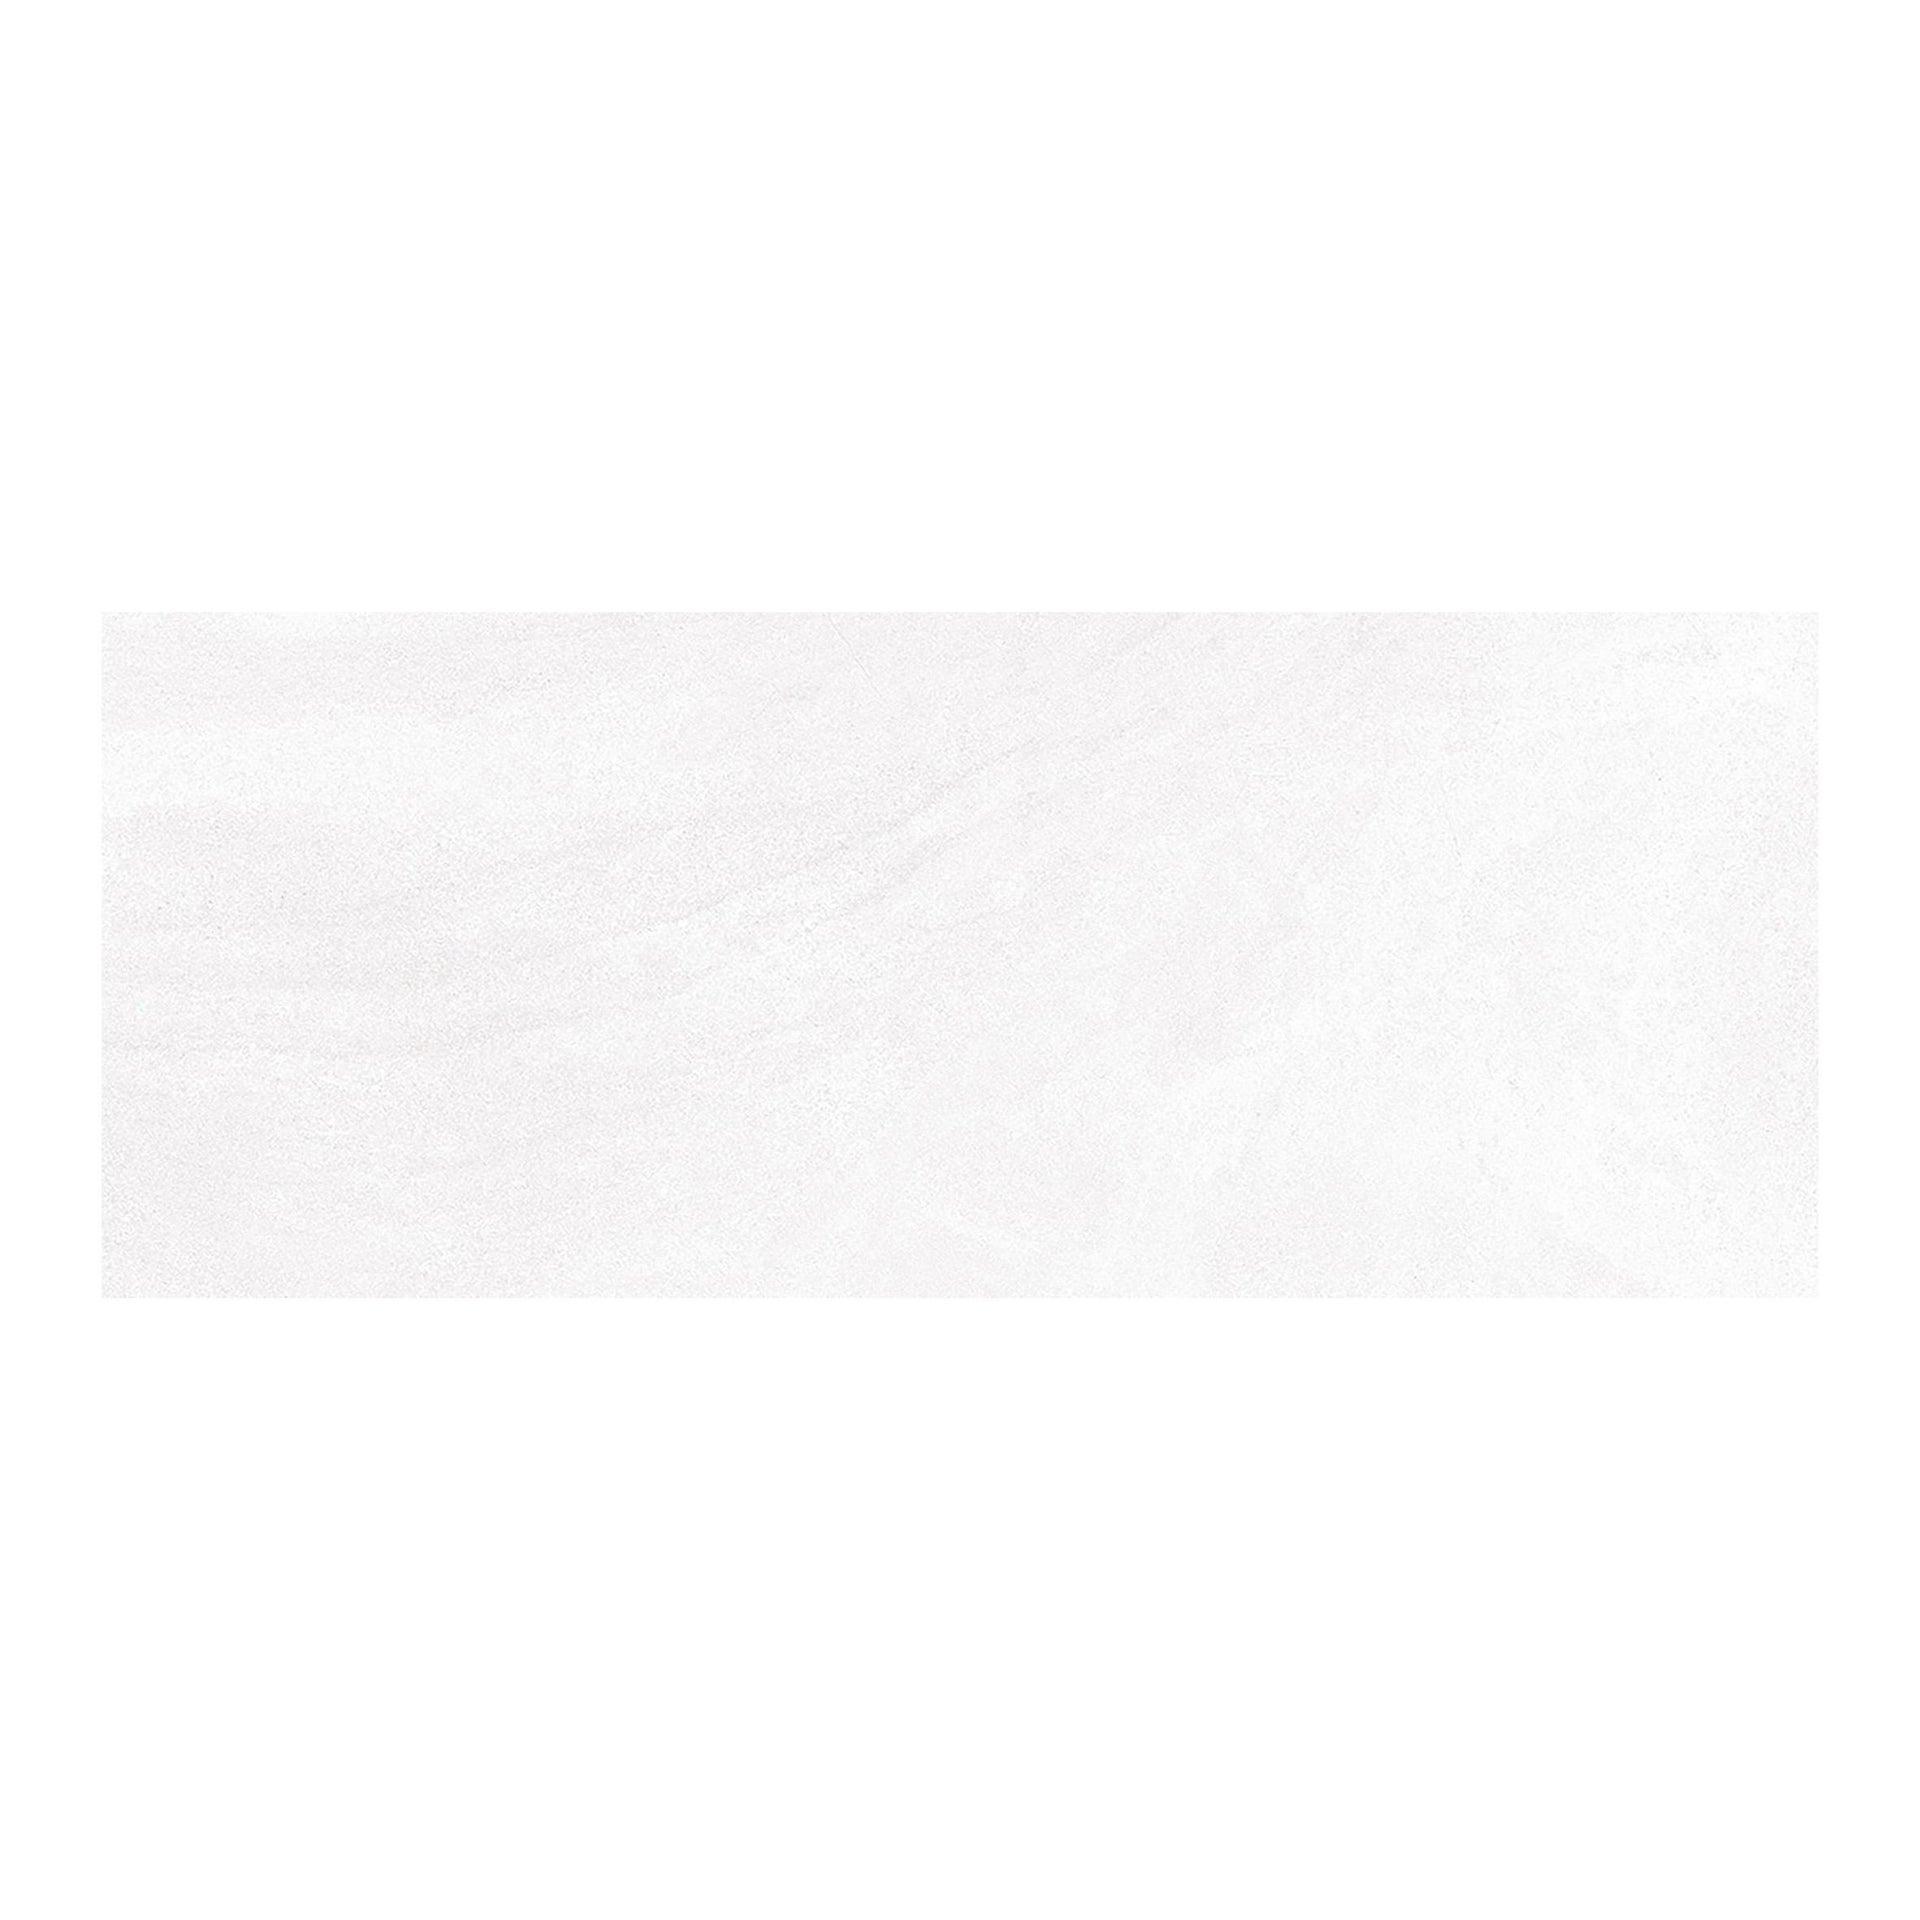 Piastrella per rivestimenti Tuypo 20 x 50 cm sp. 7 mm grigio - 2